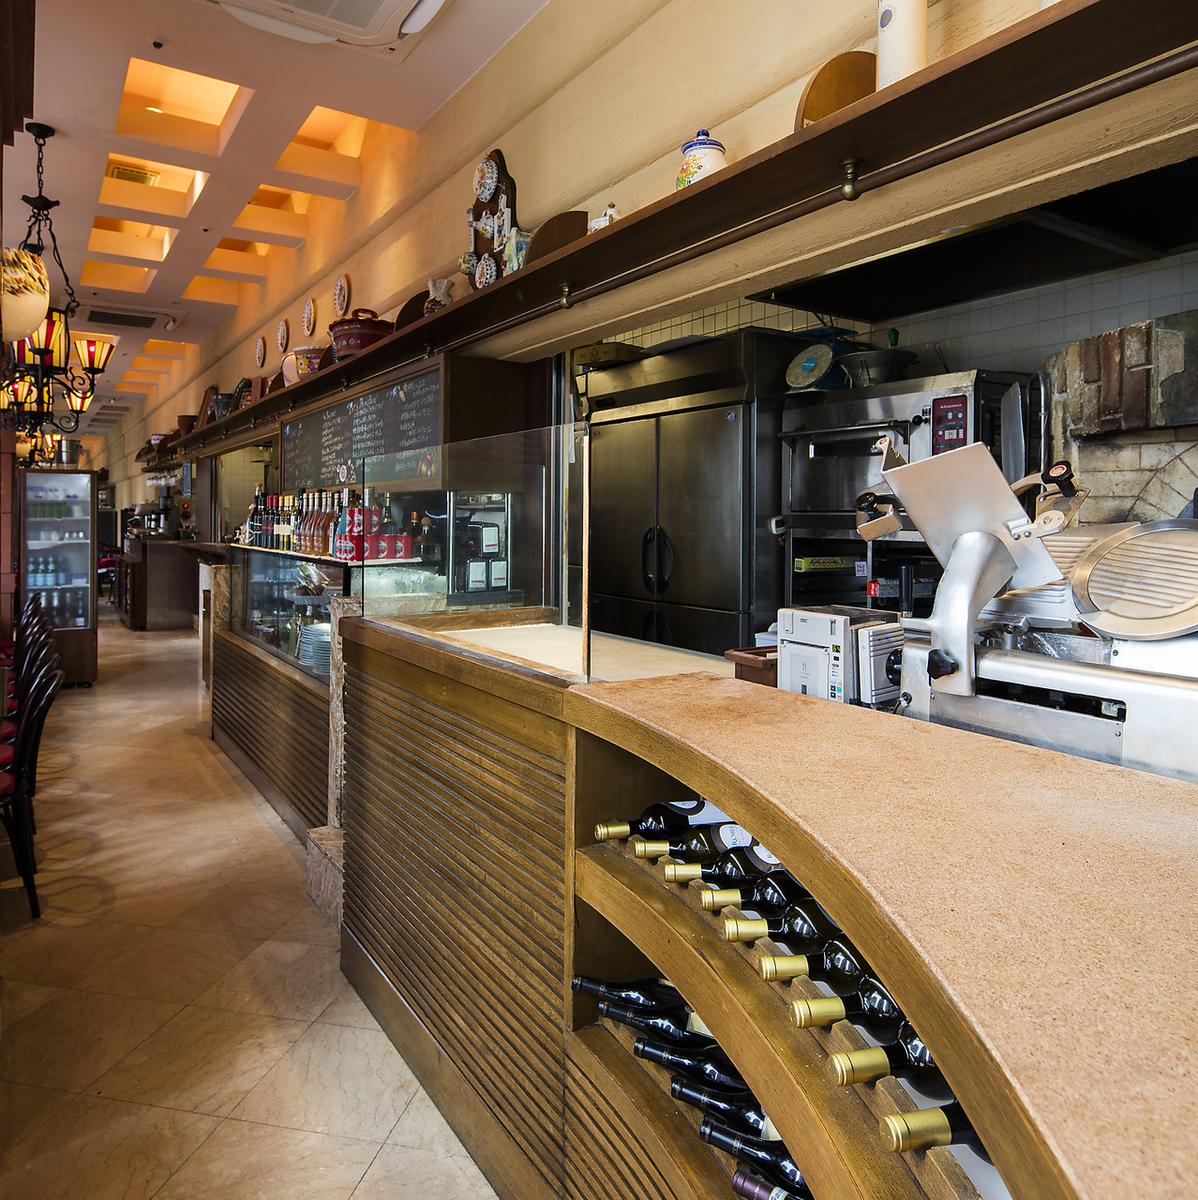 恵比寿で本格イタリアンを楽しむなら当店へ!女子会・デート・お仕事帰りにサクッと一杯でも・・・色んなシーンでご利用頂けます♪